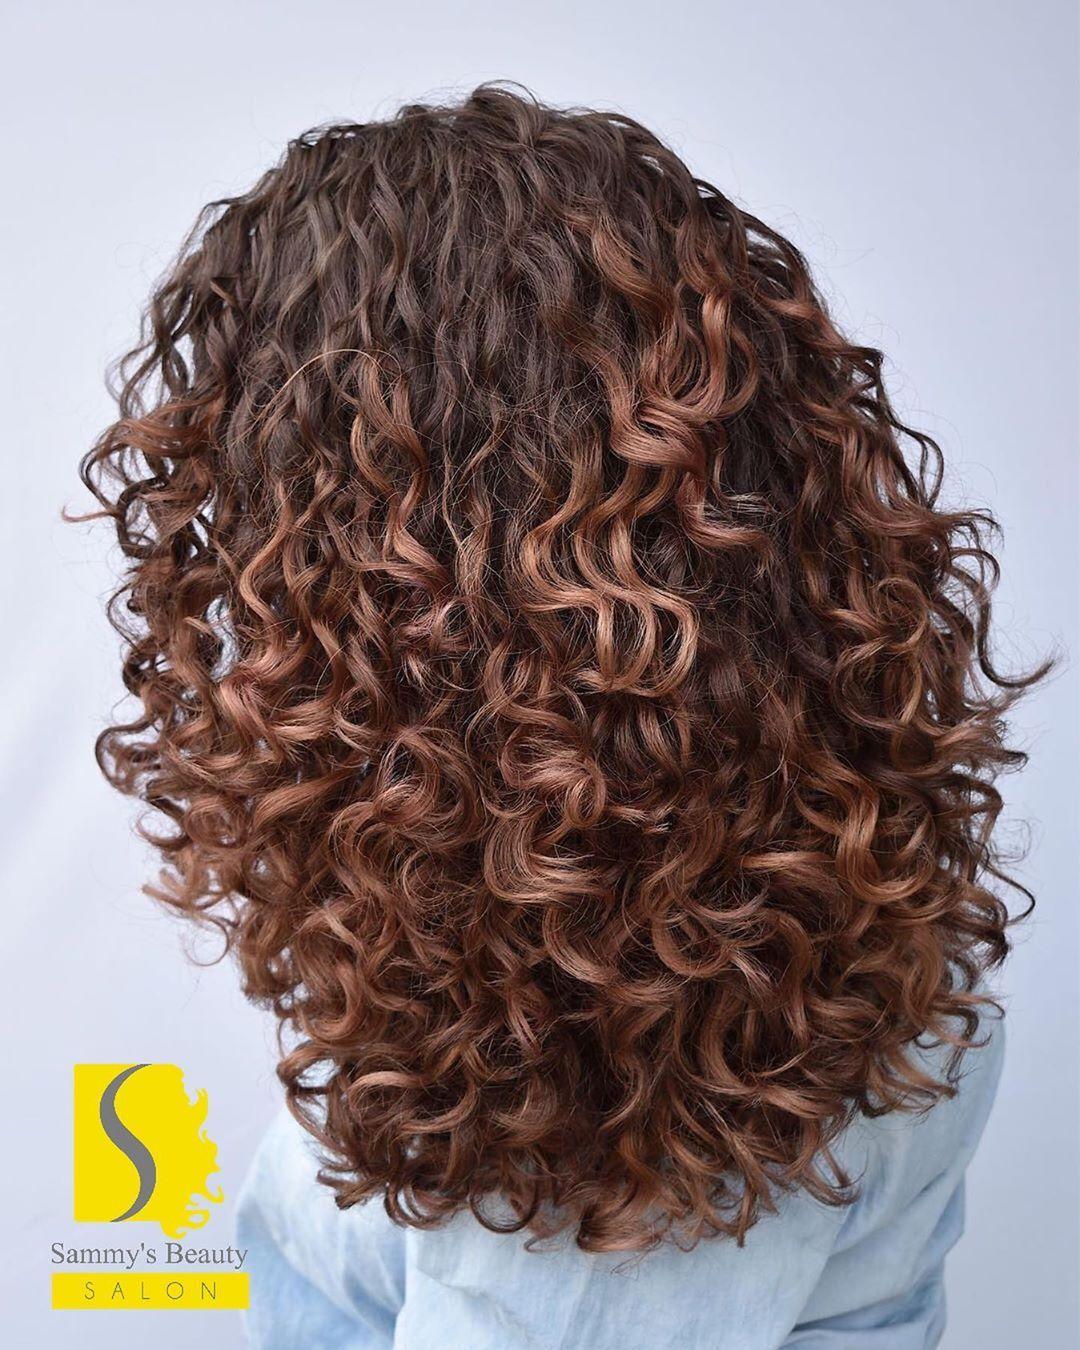 47+ Curly hair dye ideas ideas